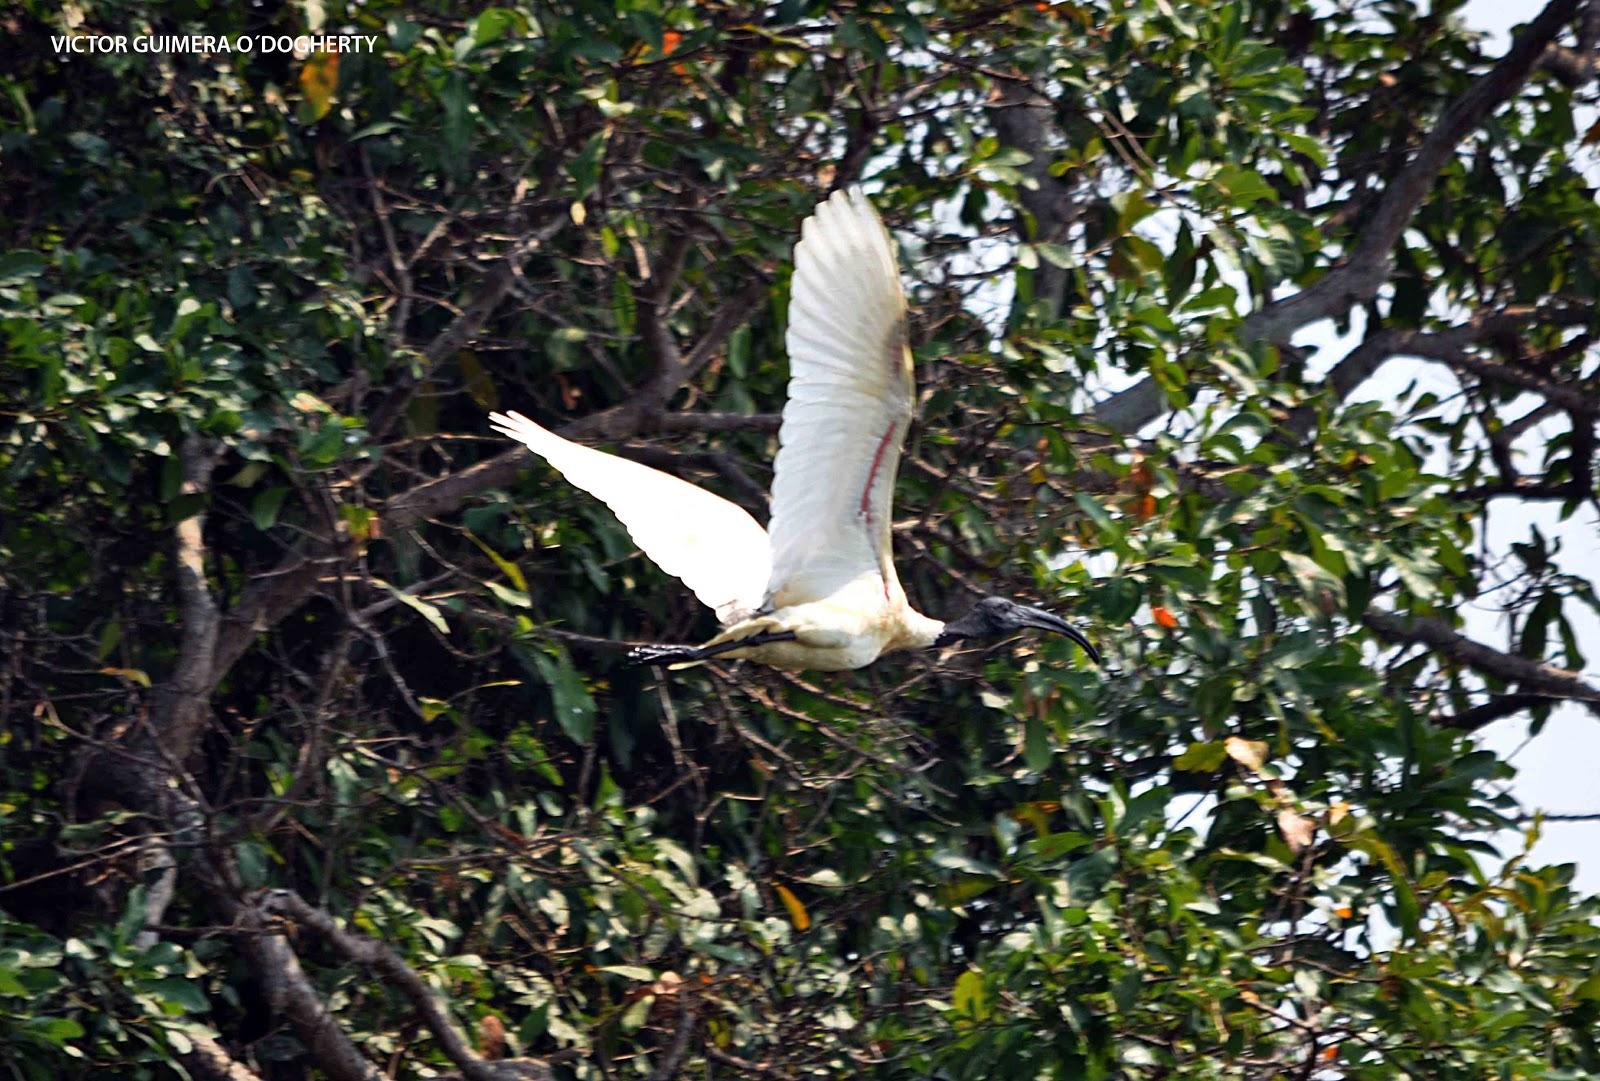 Mis im genes de aves foto del ibis oriental - Immagini del cardellino orientale ...